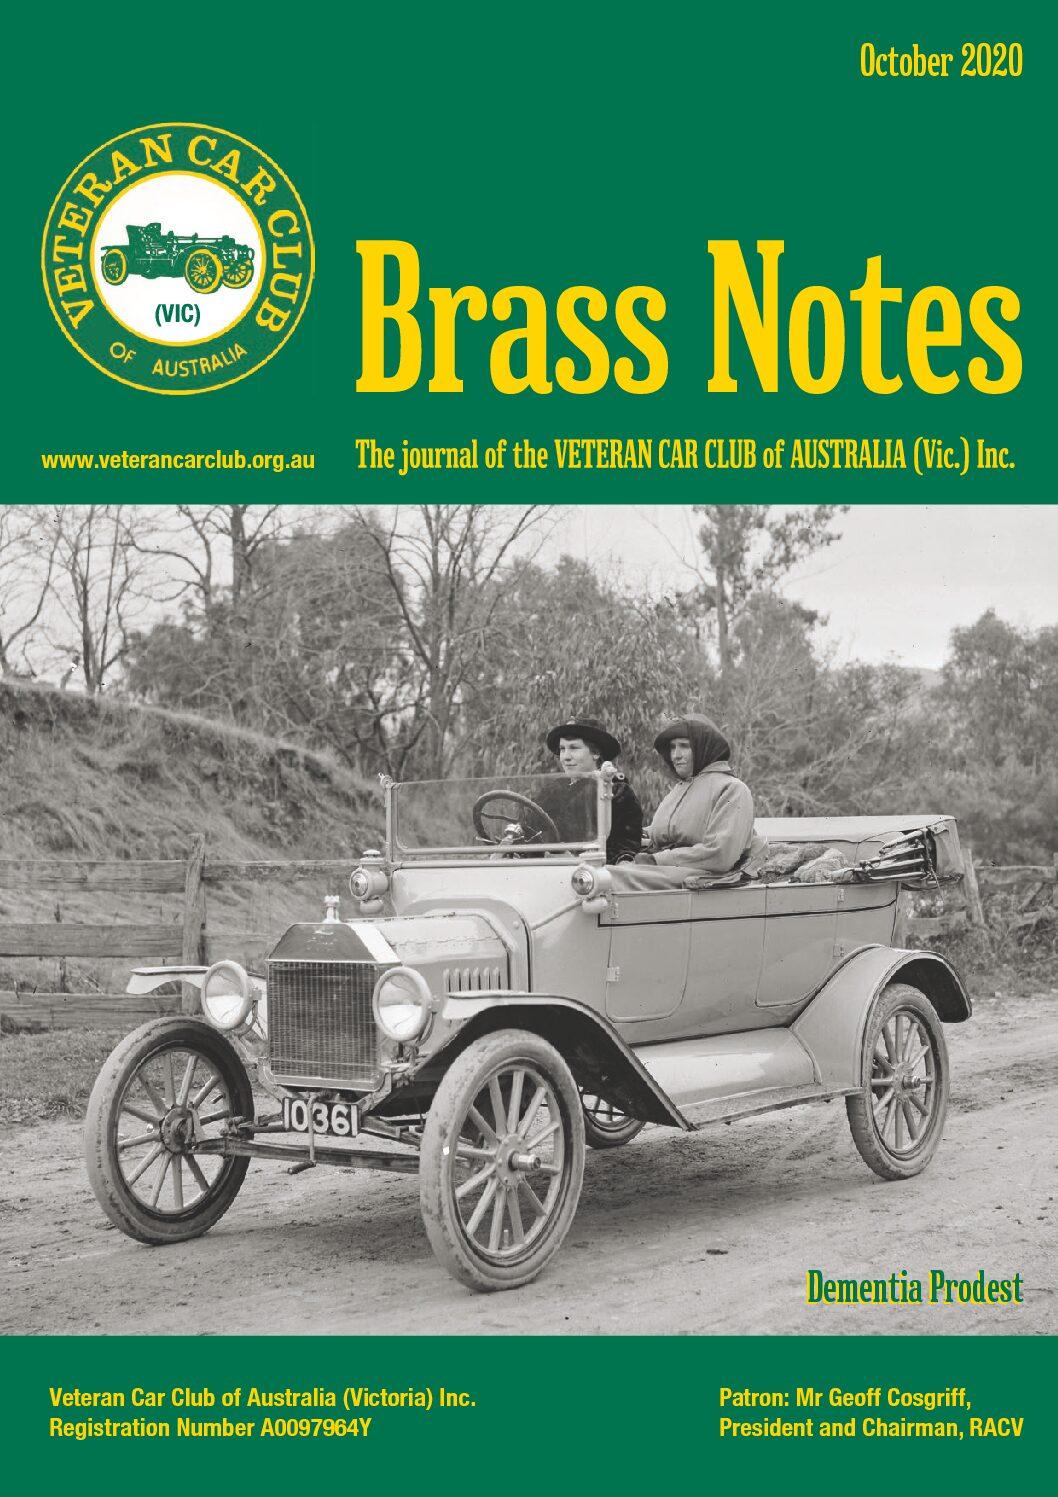 Brass Notes October 2020